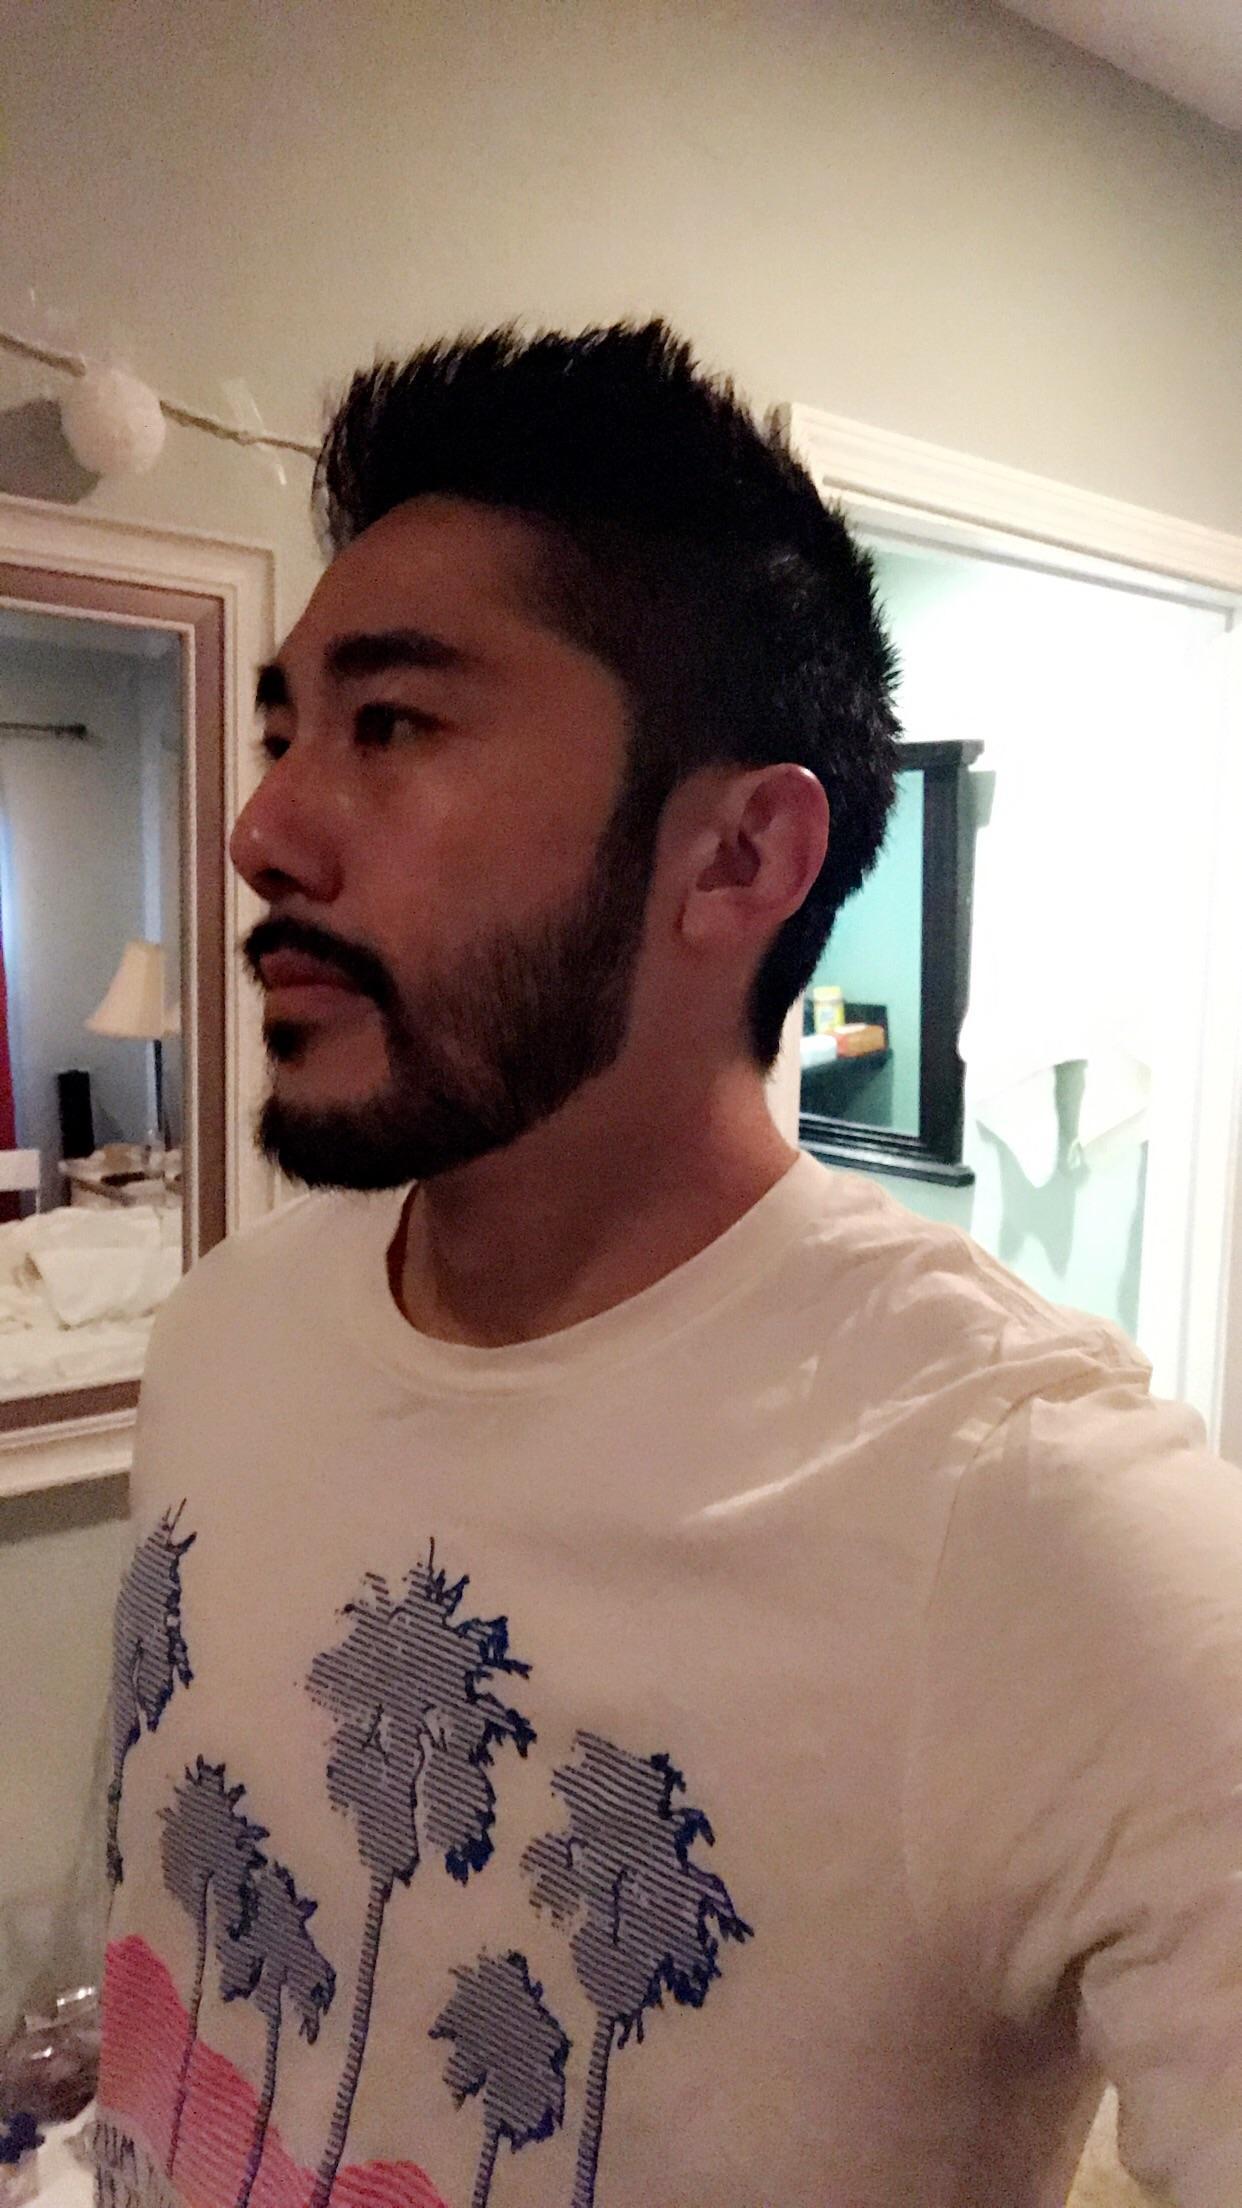 Asian dude with a beard : beards